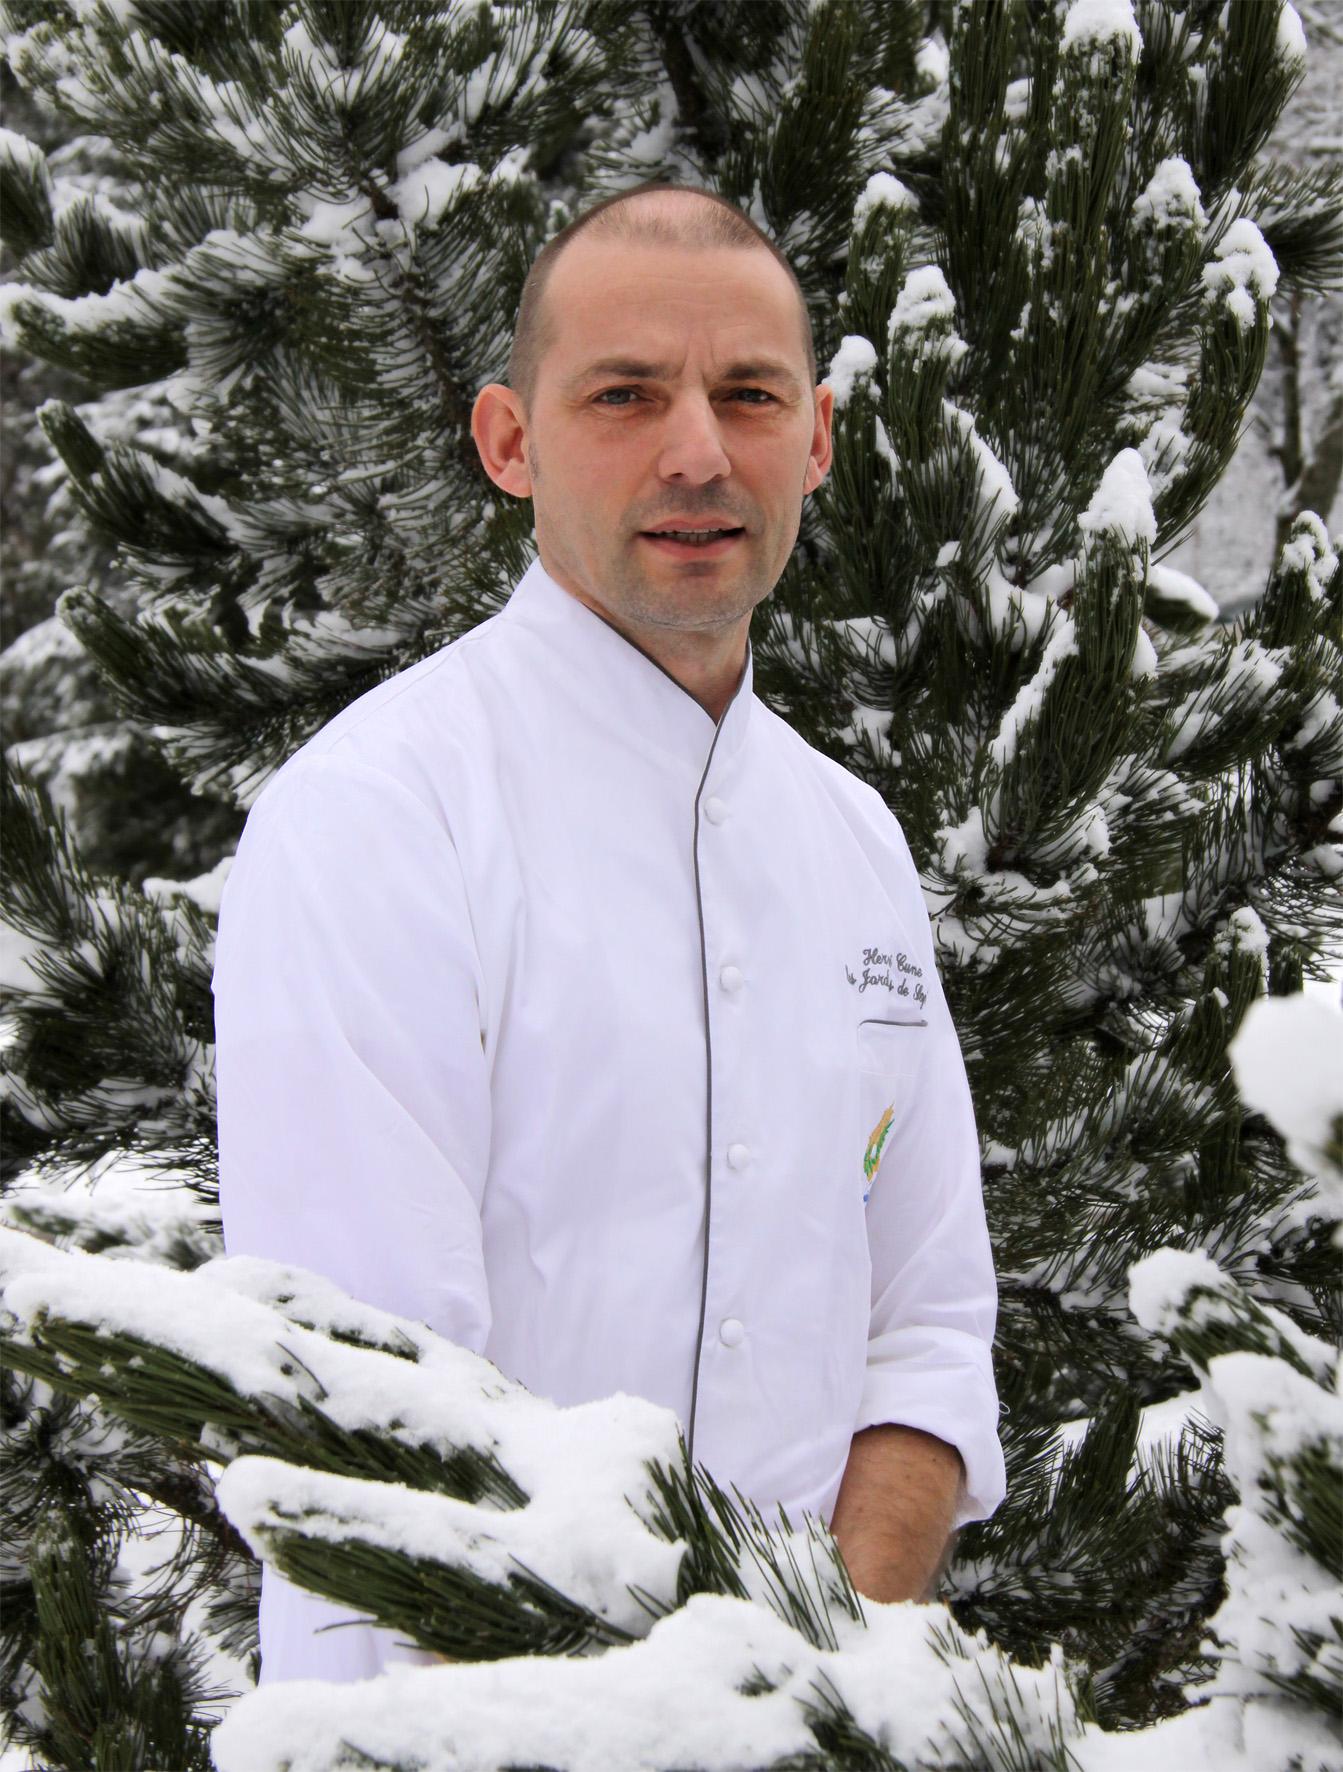 Hervé Cune un chef passionné et étoilé Lorraine Magazine